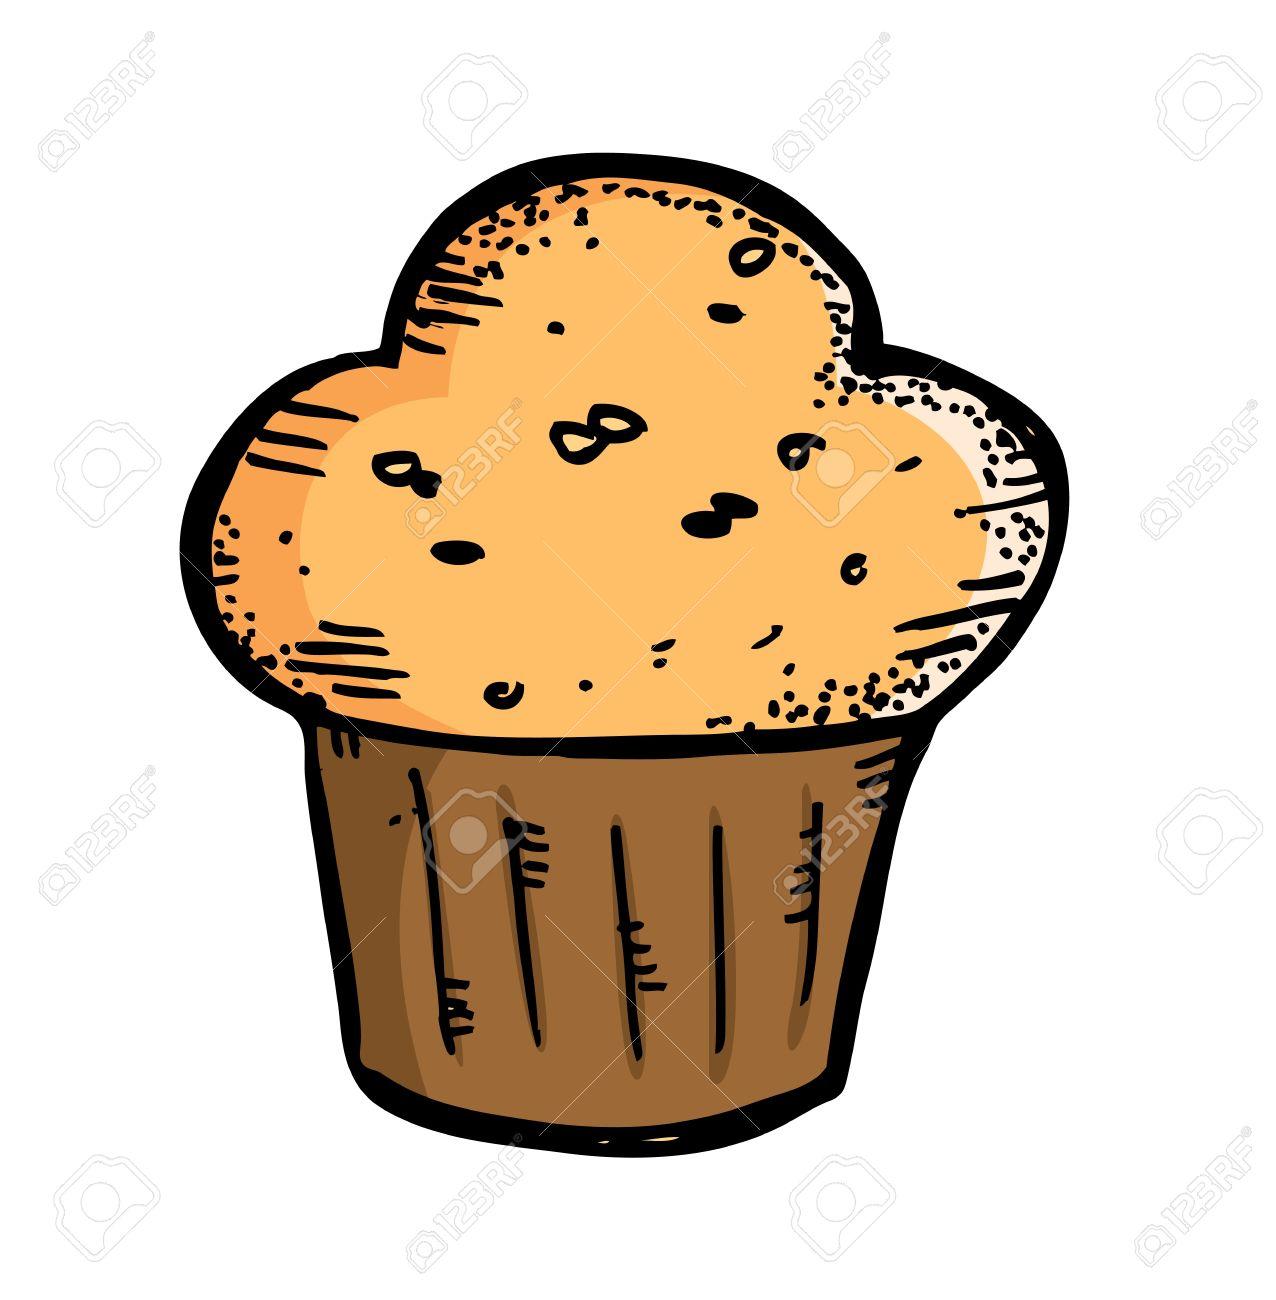 Muffin clipart banana muffin Chocolate Photos Clipart Muffin Stock